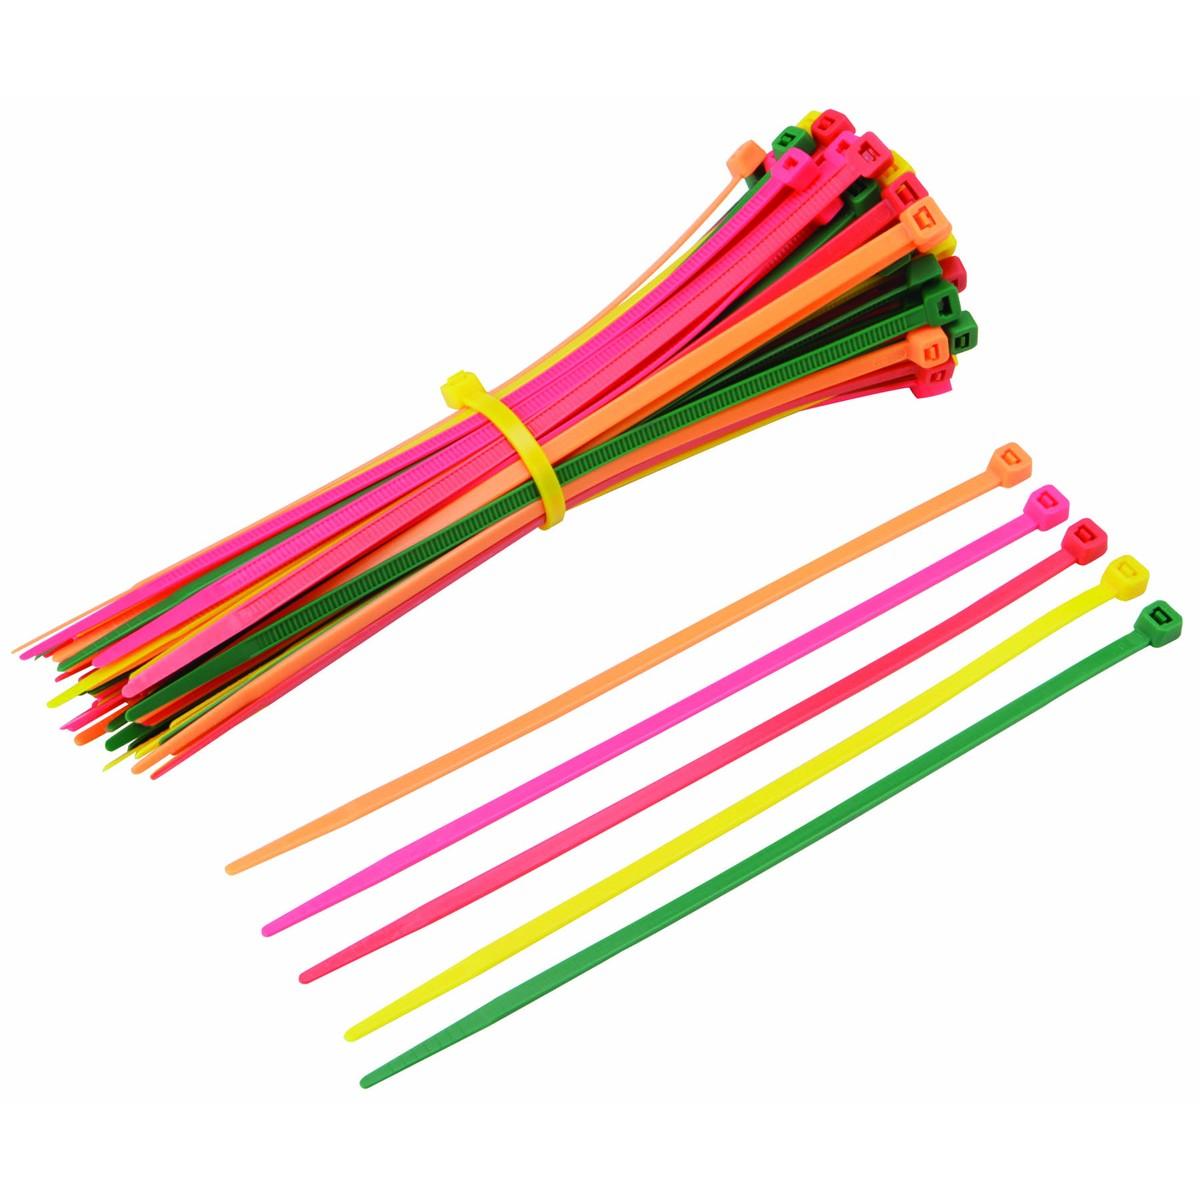 Copy of Zip-ties